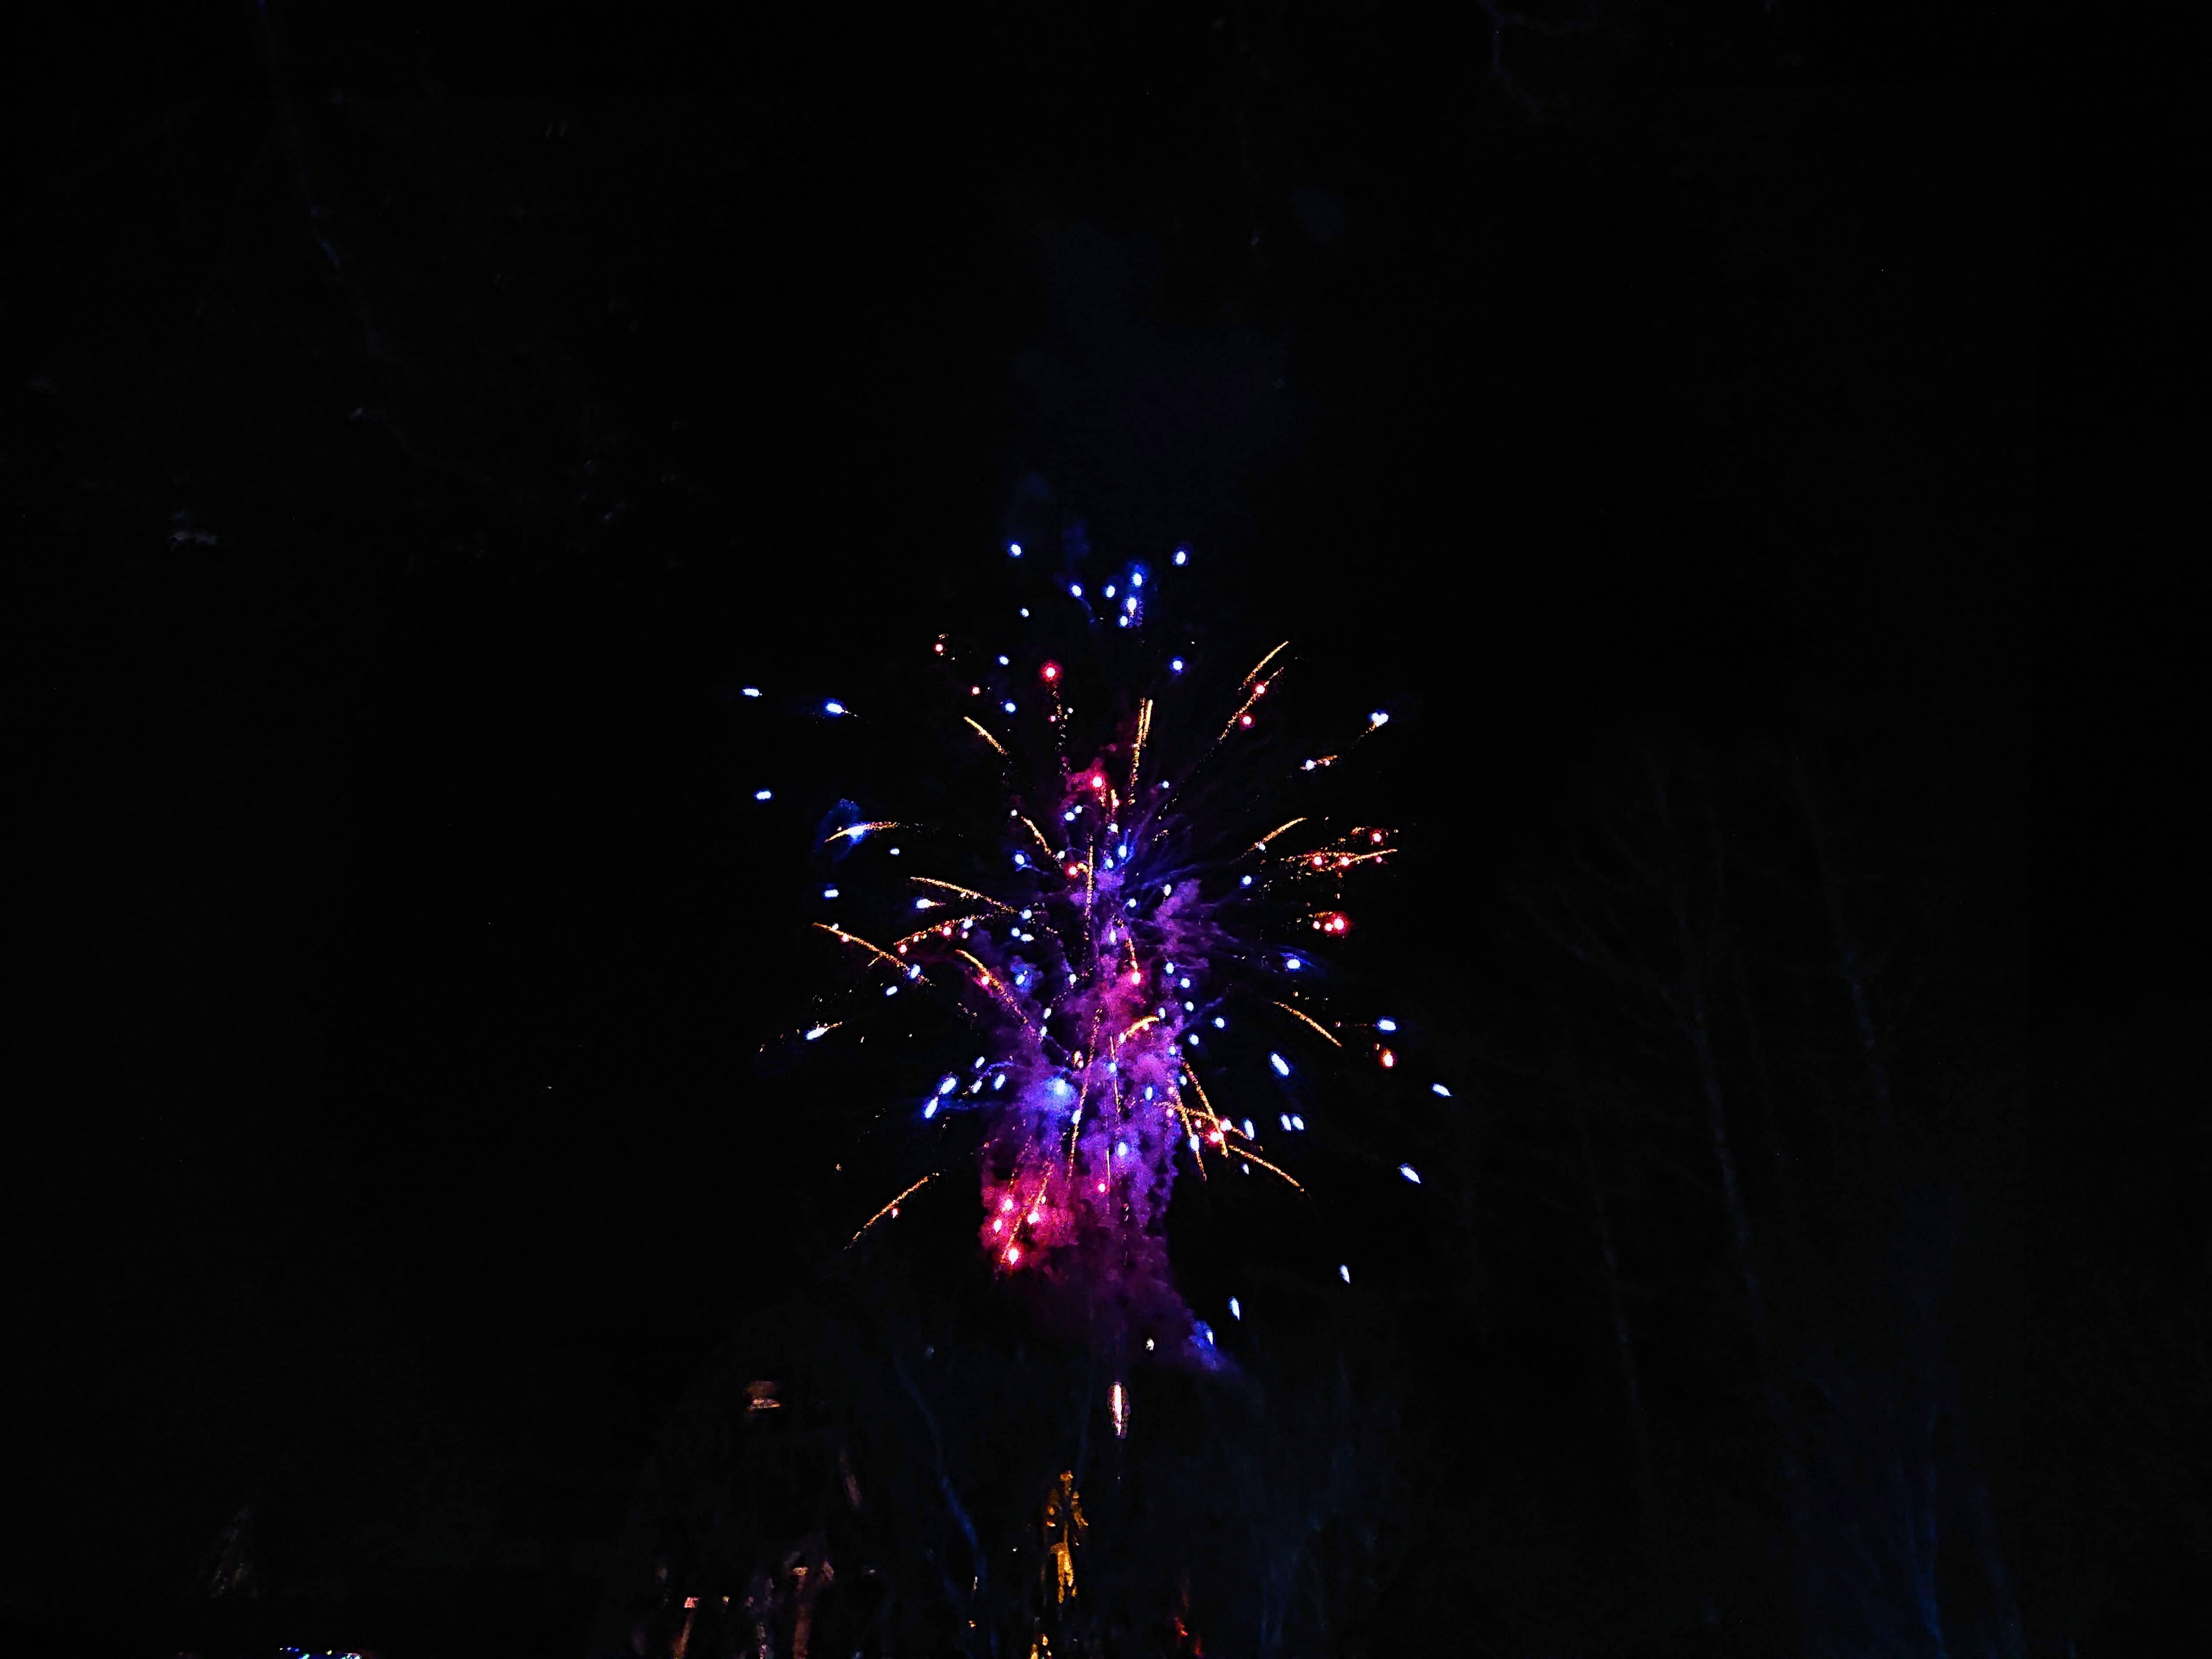 山中湖花の都公園イルミネーション期間中の打ち上げ花火